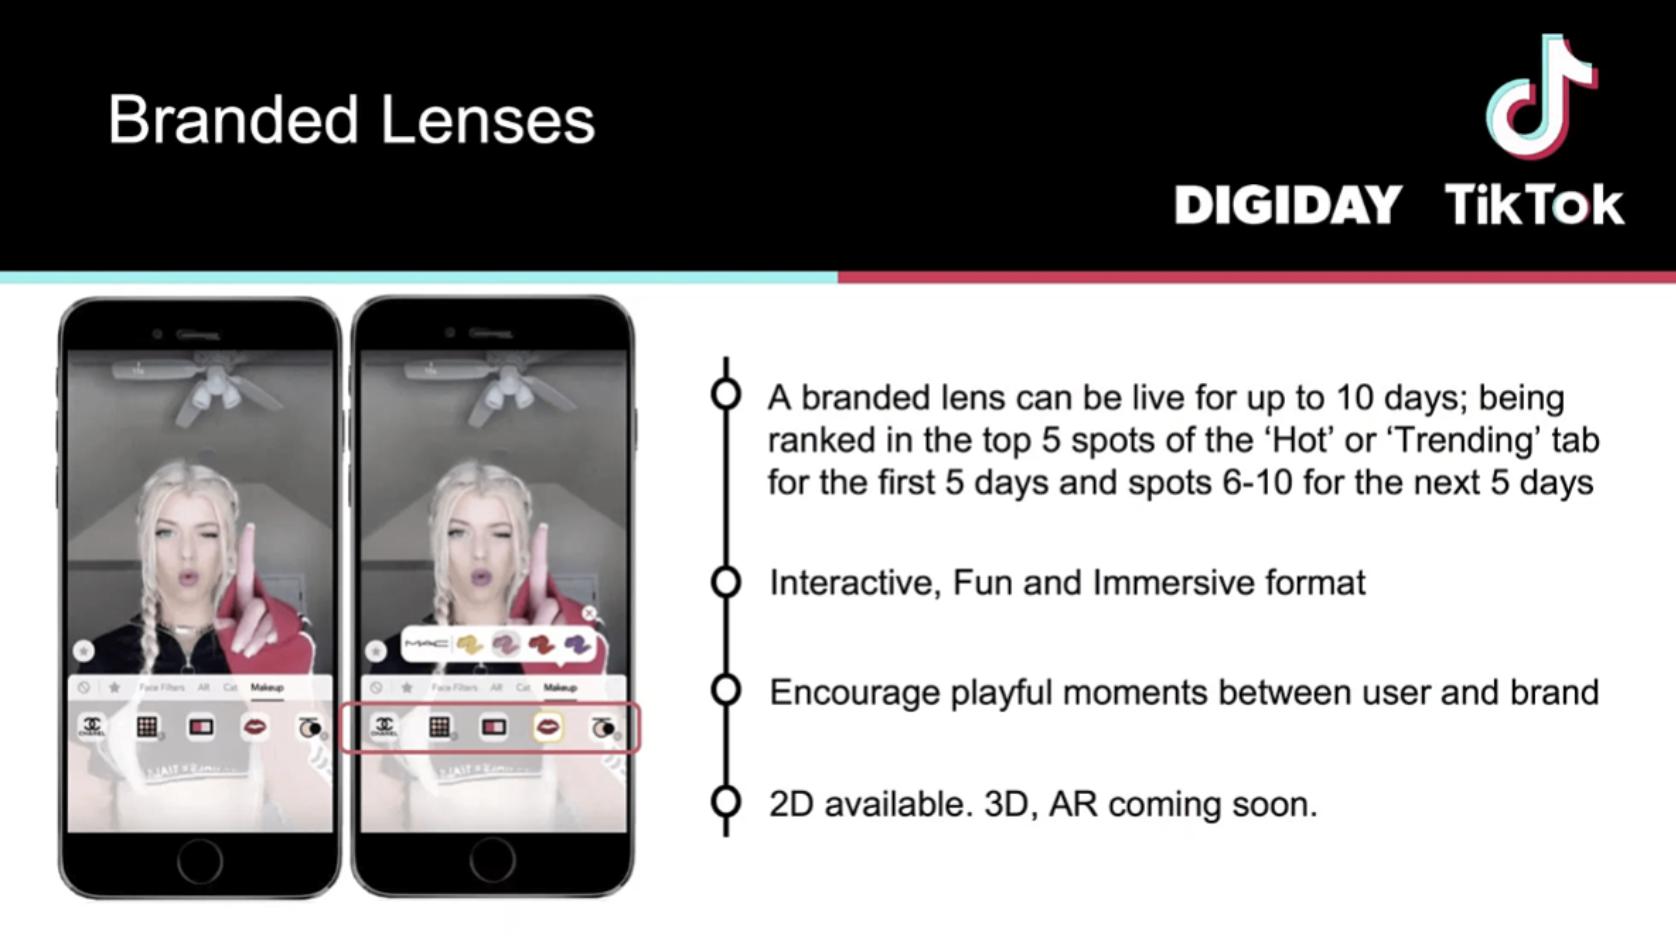 Quảng cáo TikTok dạng Branded Lense